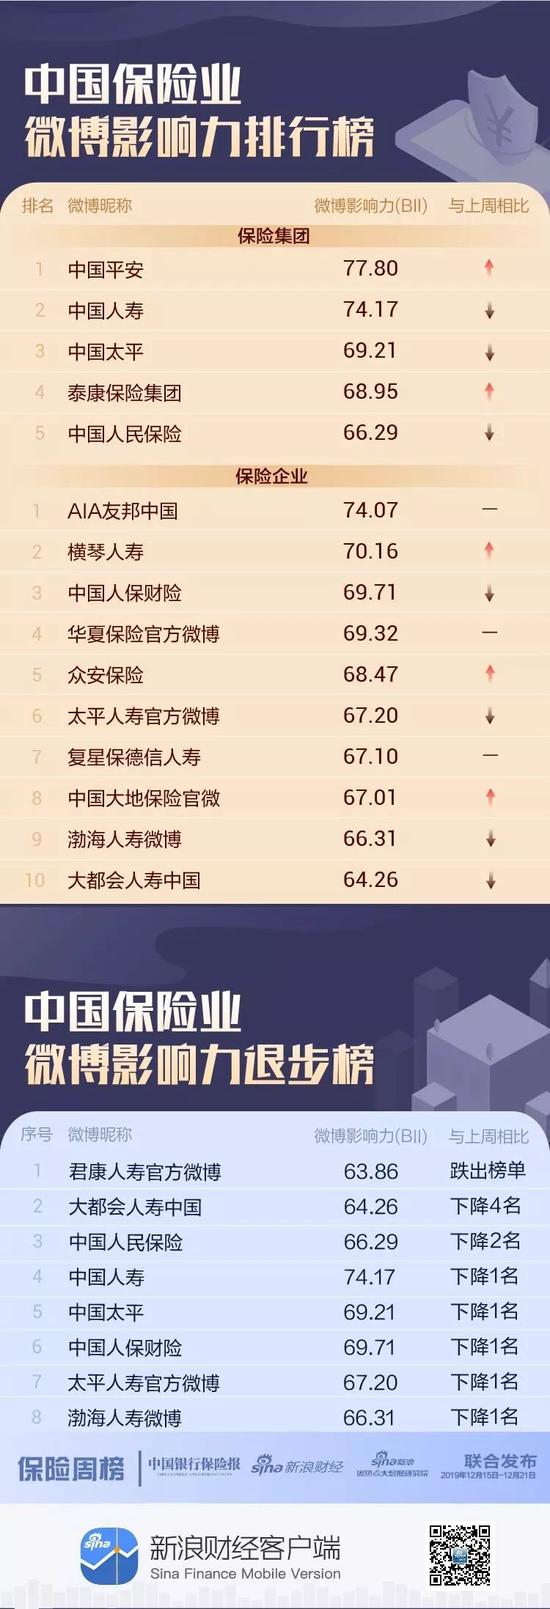 广东股交副总李培杰:现托管商业银行38家